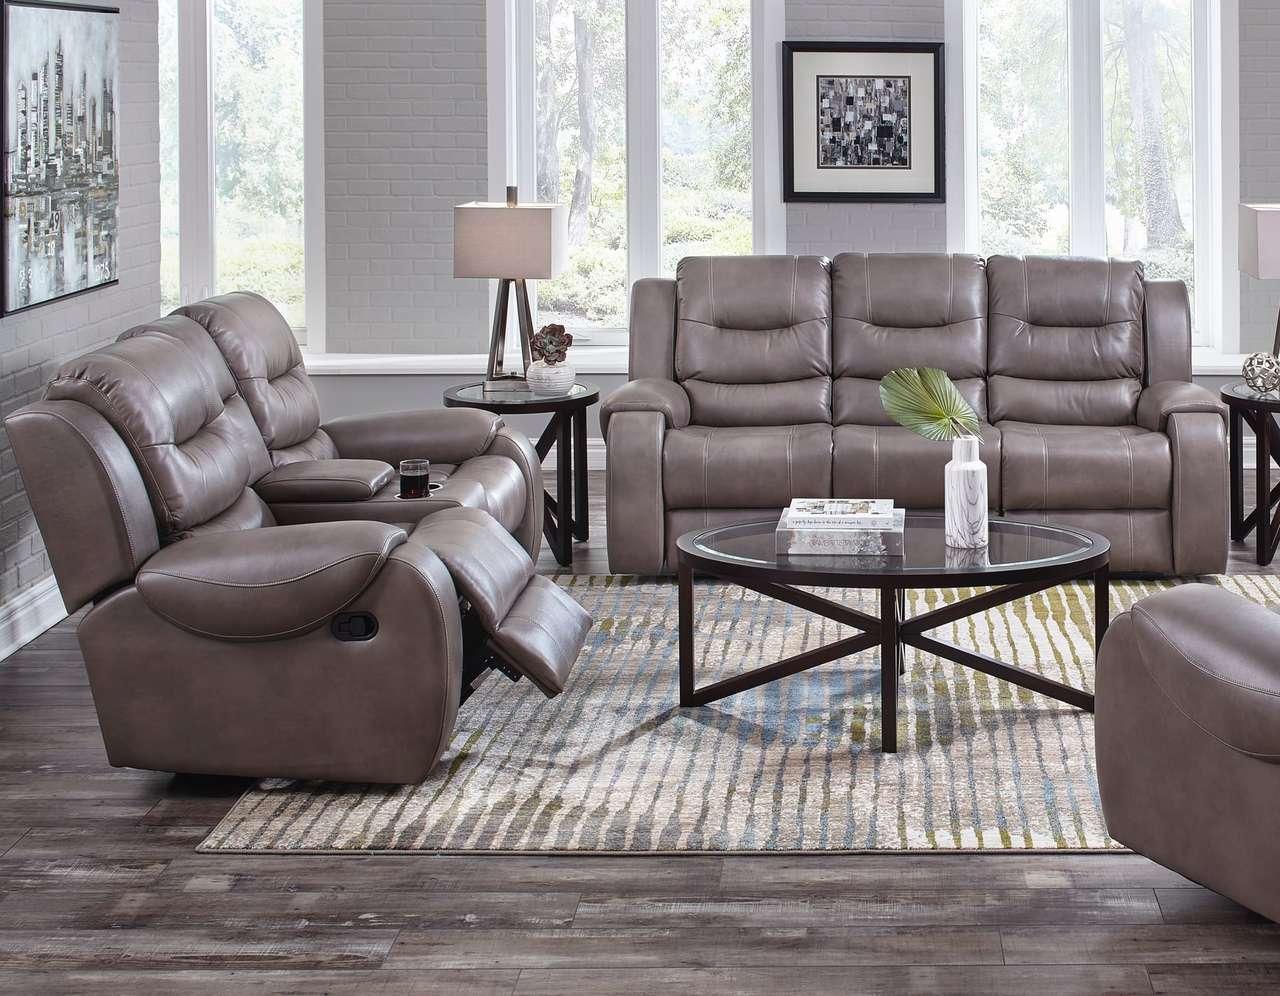 71407 Motion Sofa, Loveseat: Jamestown Smoke $1295